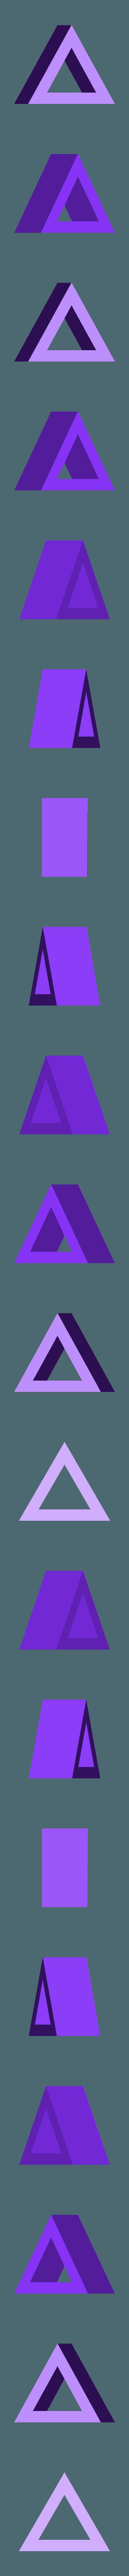 triangle.stl Télécharger fichier STL gratuit Mini lampe de Playstation • Objet pour imprimante 3D, ygallois